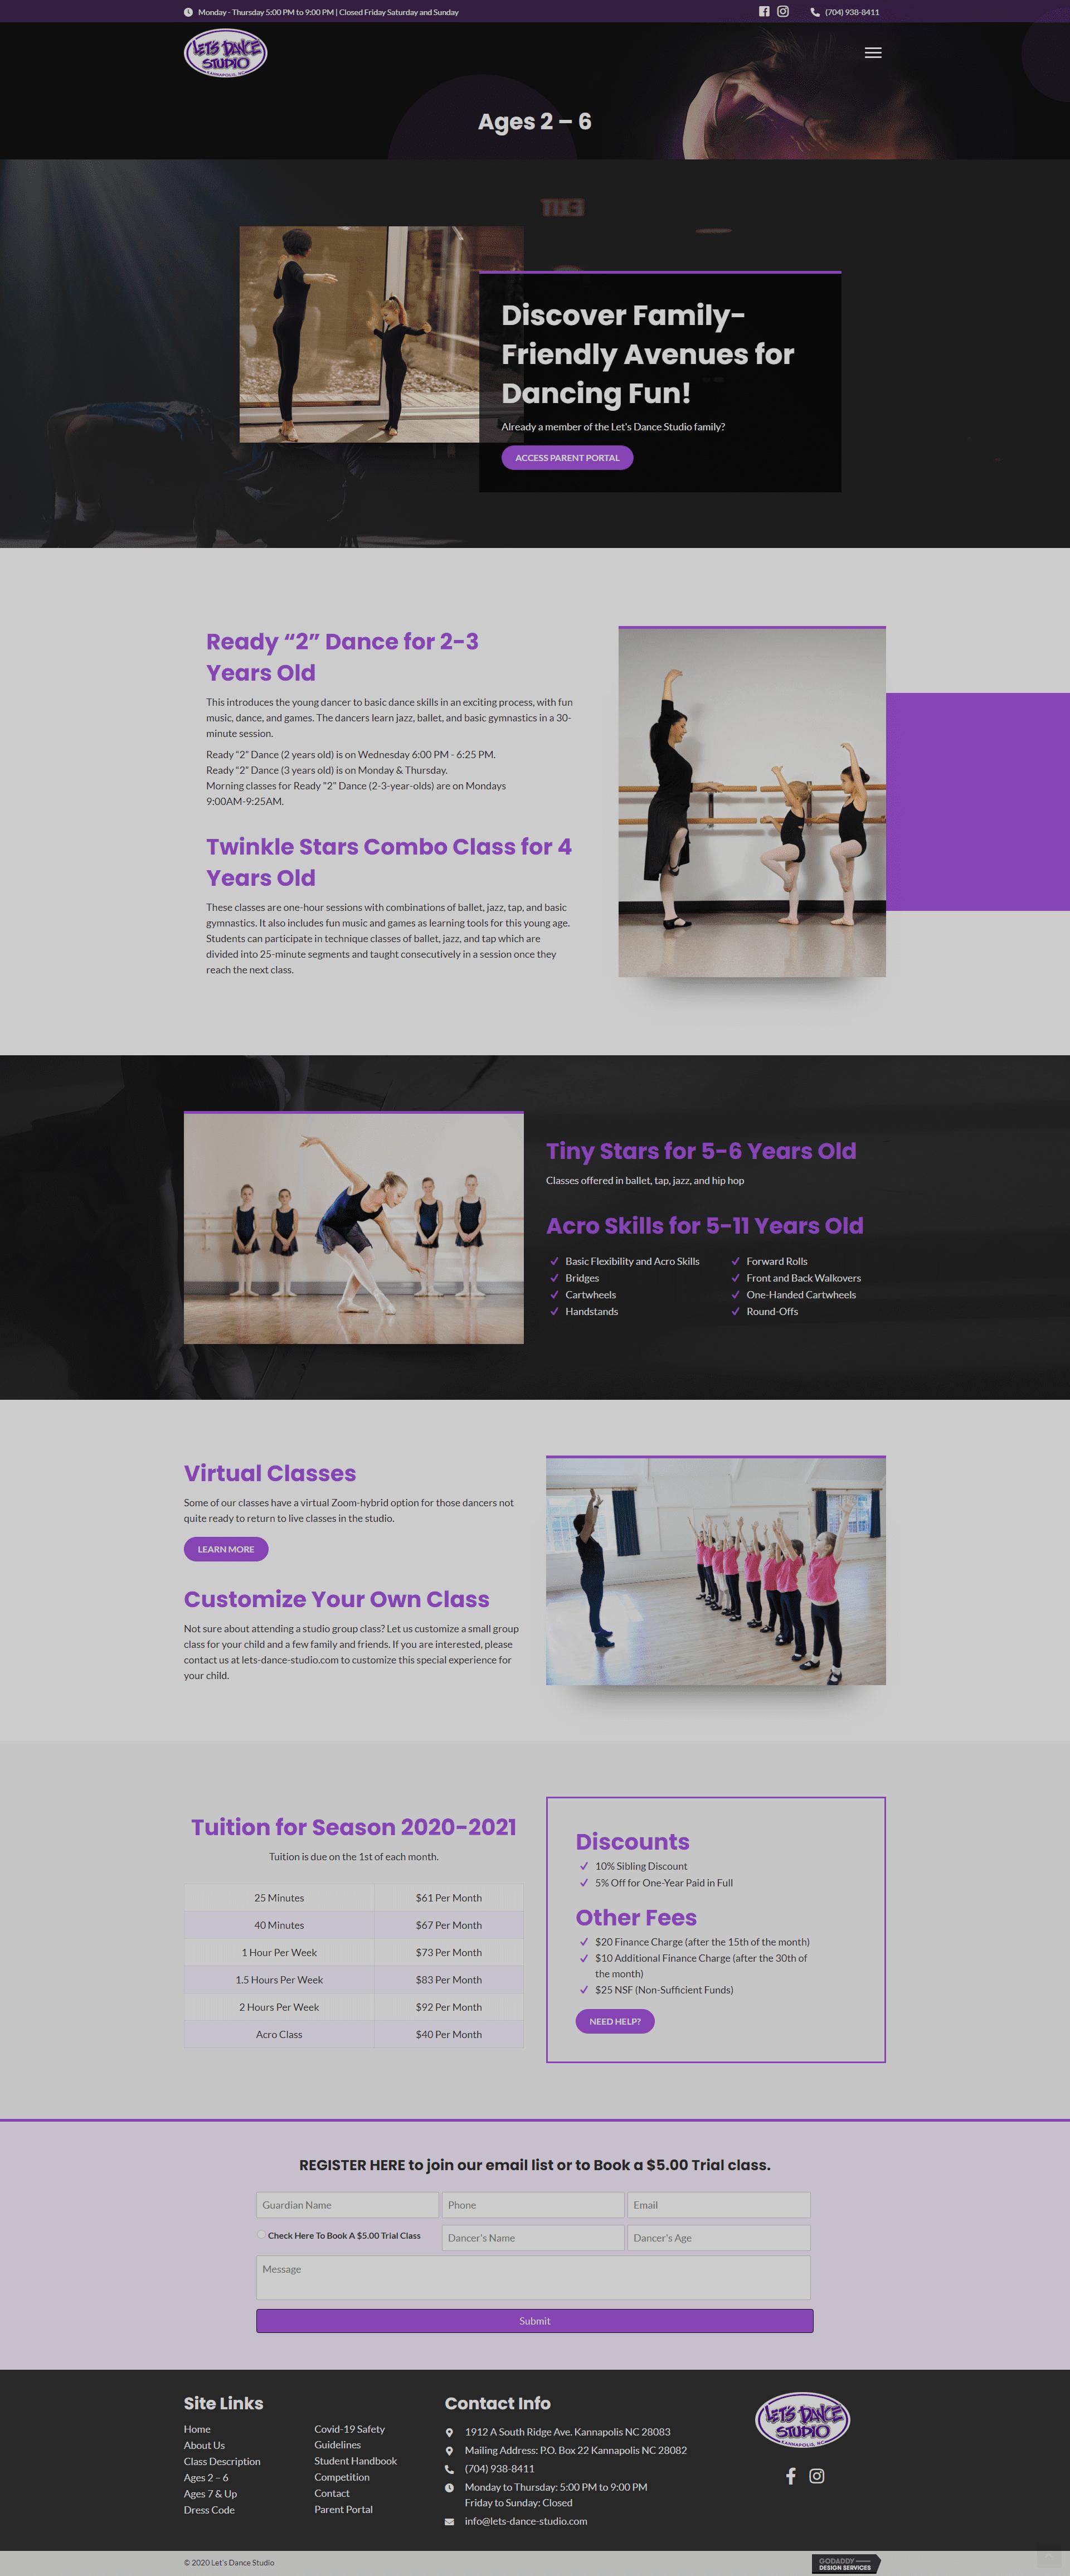 Let's Dance Studio Ages 2-6 Page